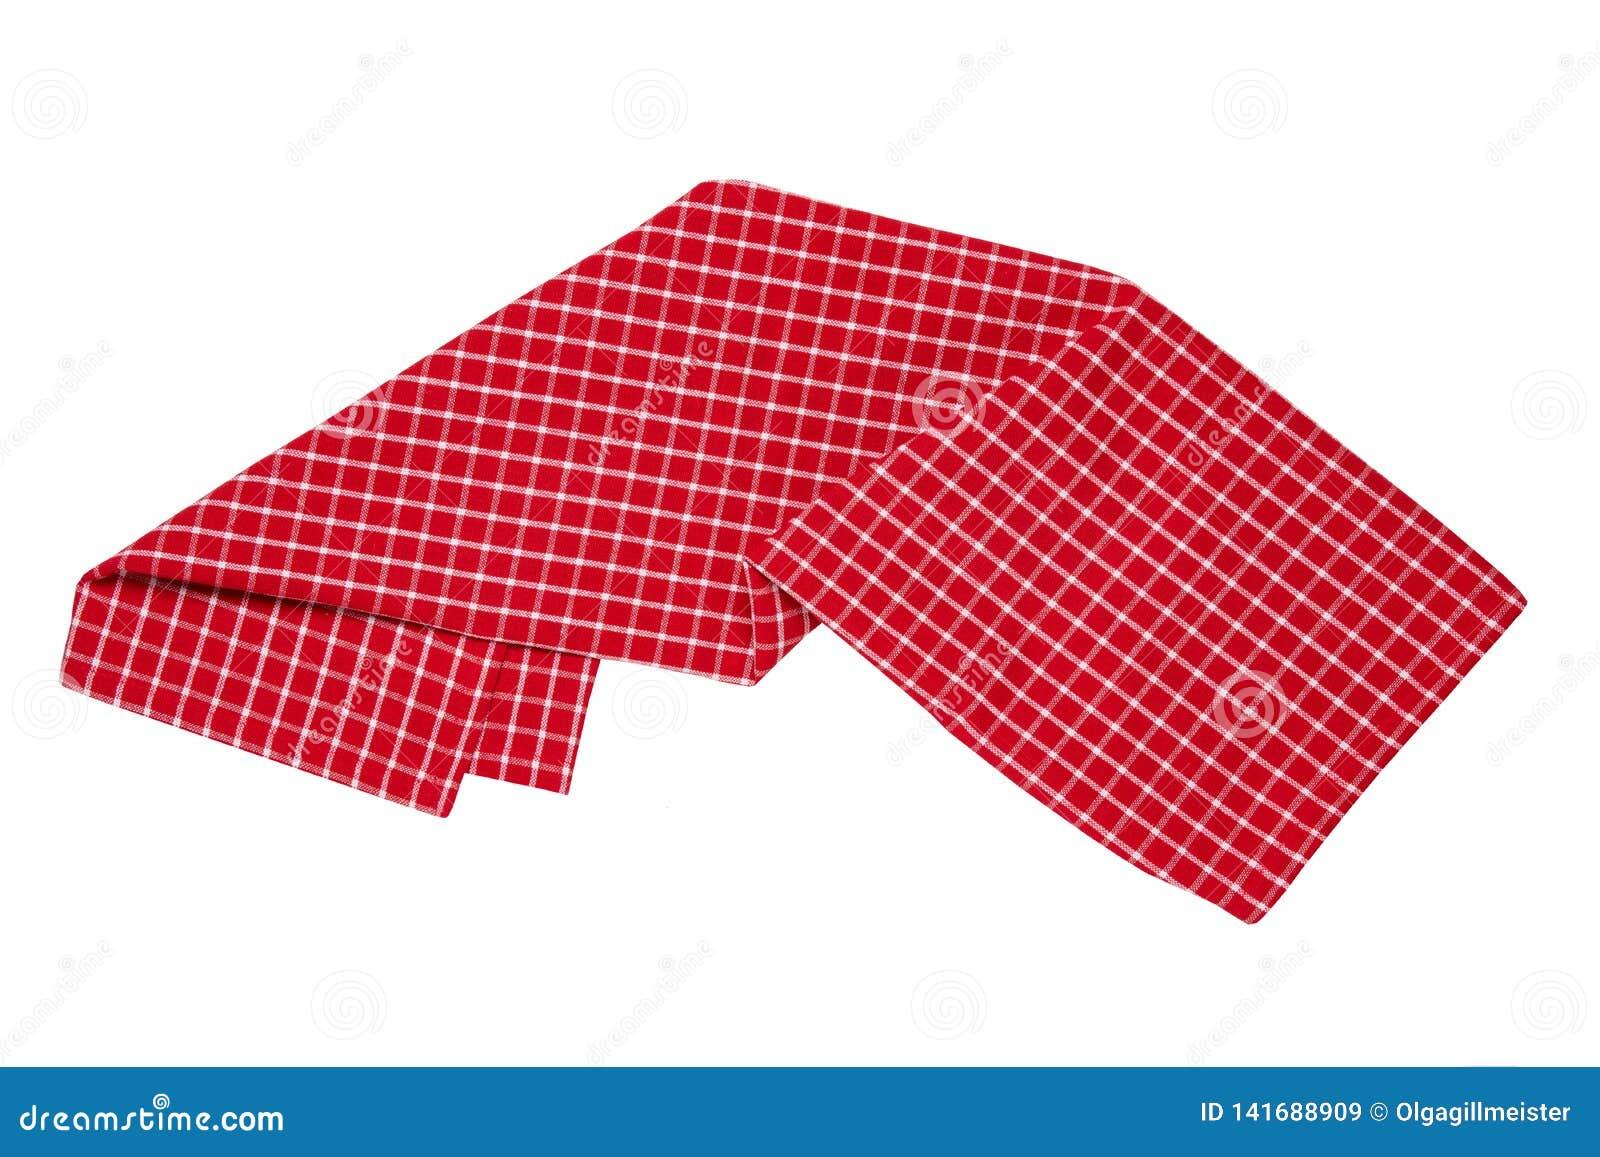 Odosobneni ręczniki W górę czerwonej, białej w kratkę tablecloth tekstury odizolowywającej na białym tle i Kuchnia